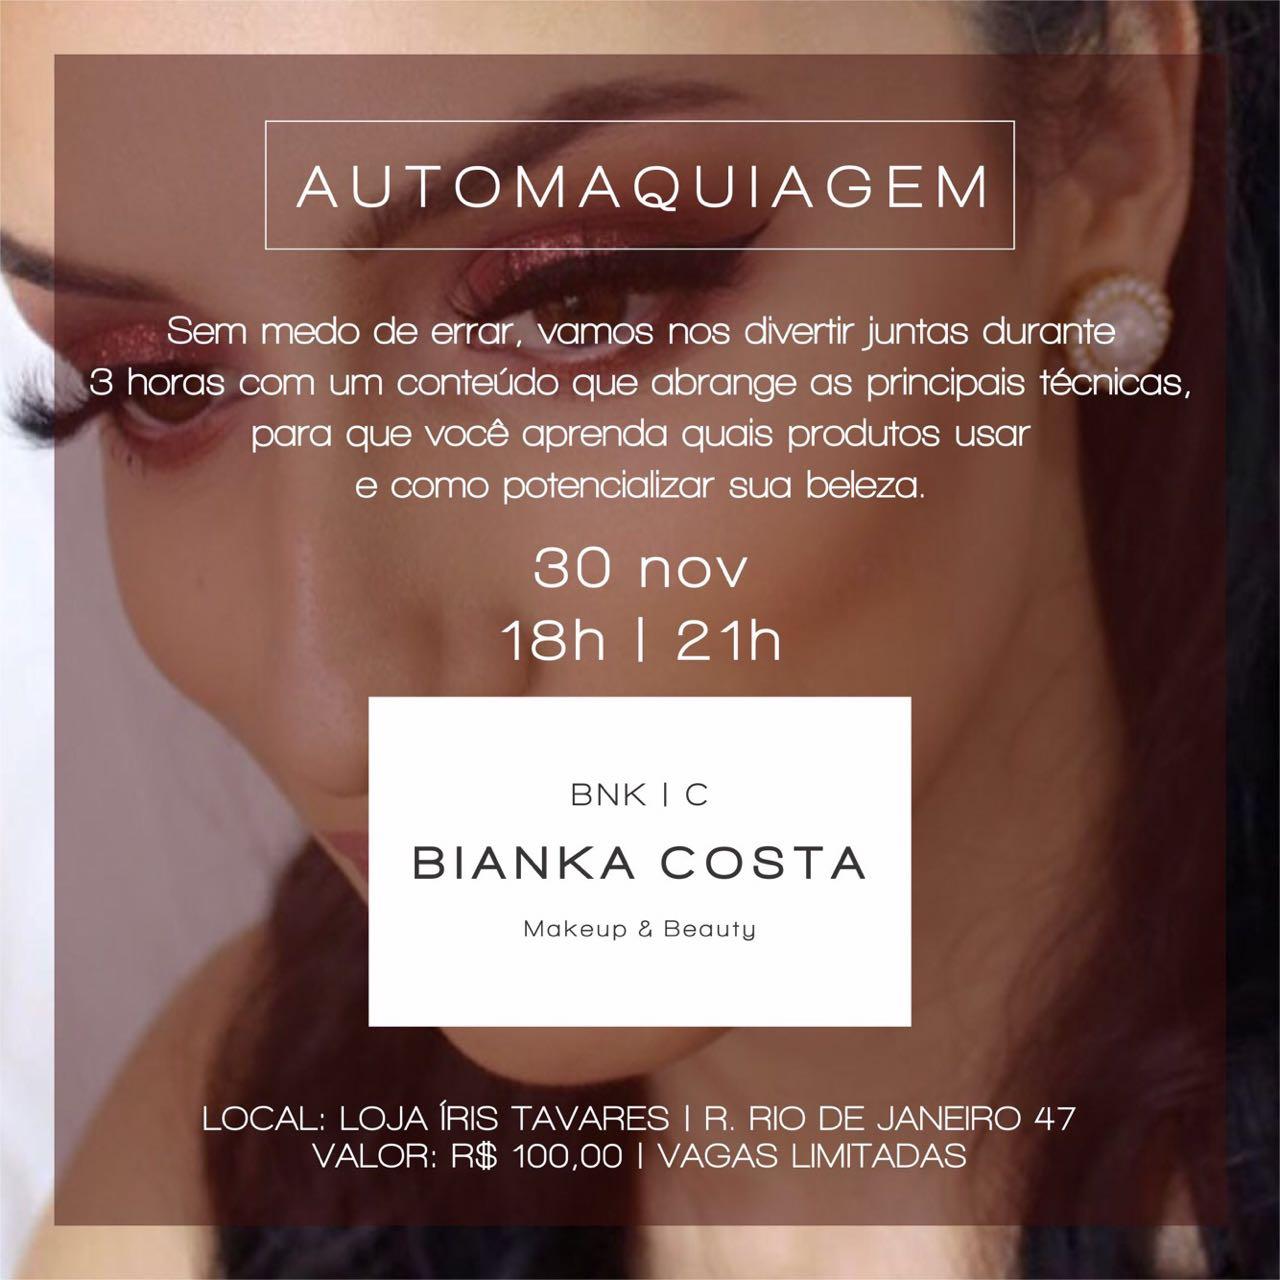 Curso de Automaquiagem com Bianka Costa